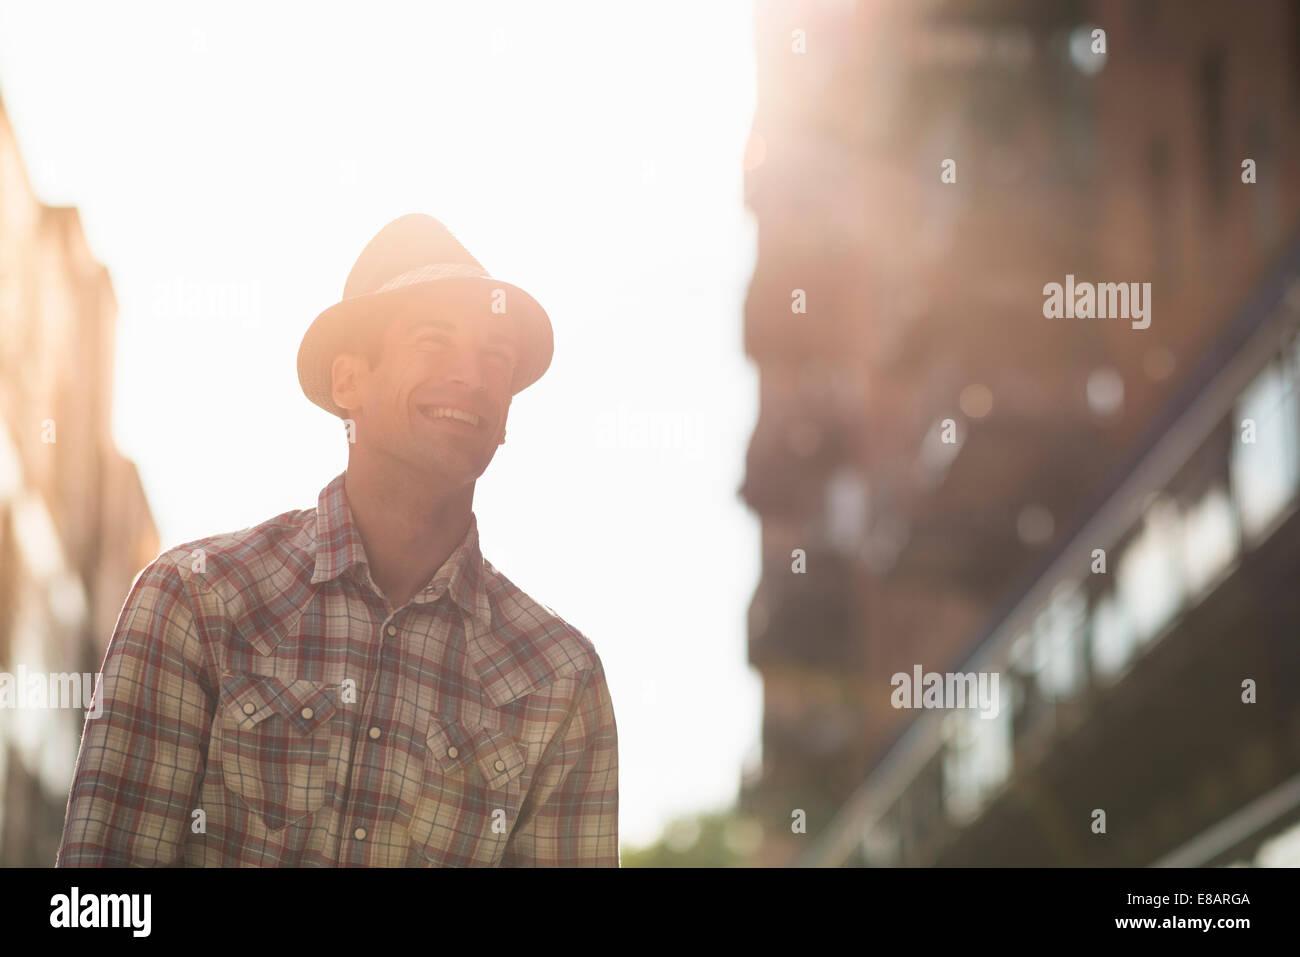 Jeune homme portant un chapeau et chemise à carreaux Banque D'Images